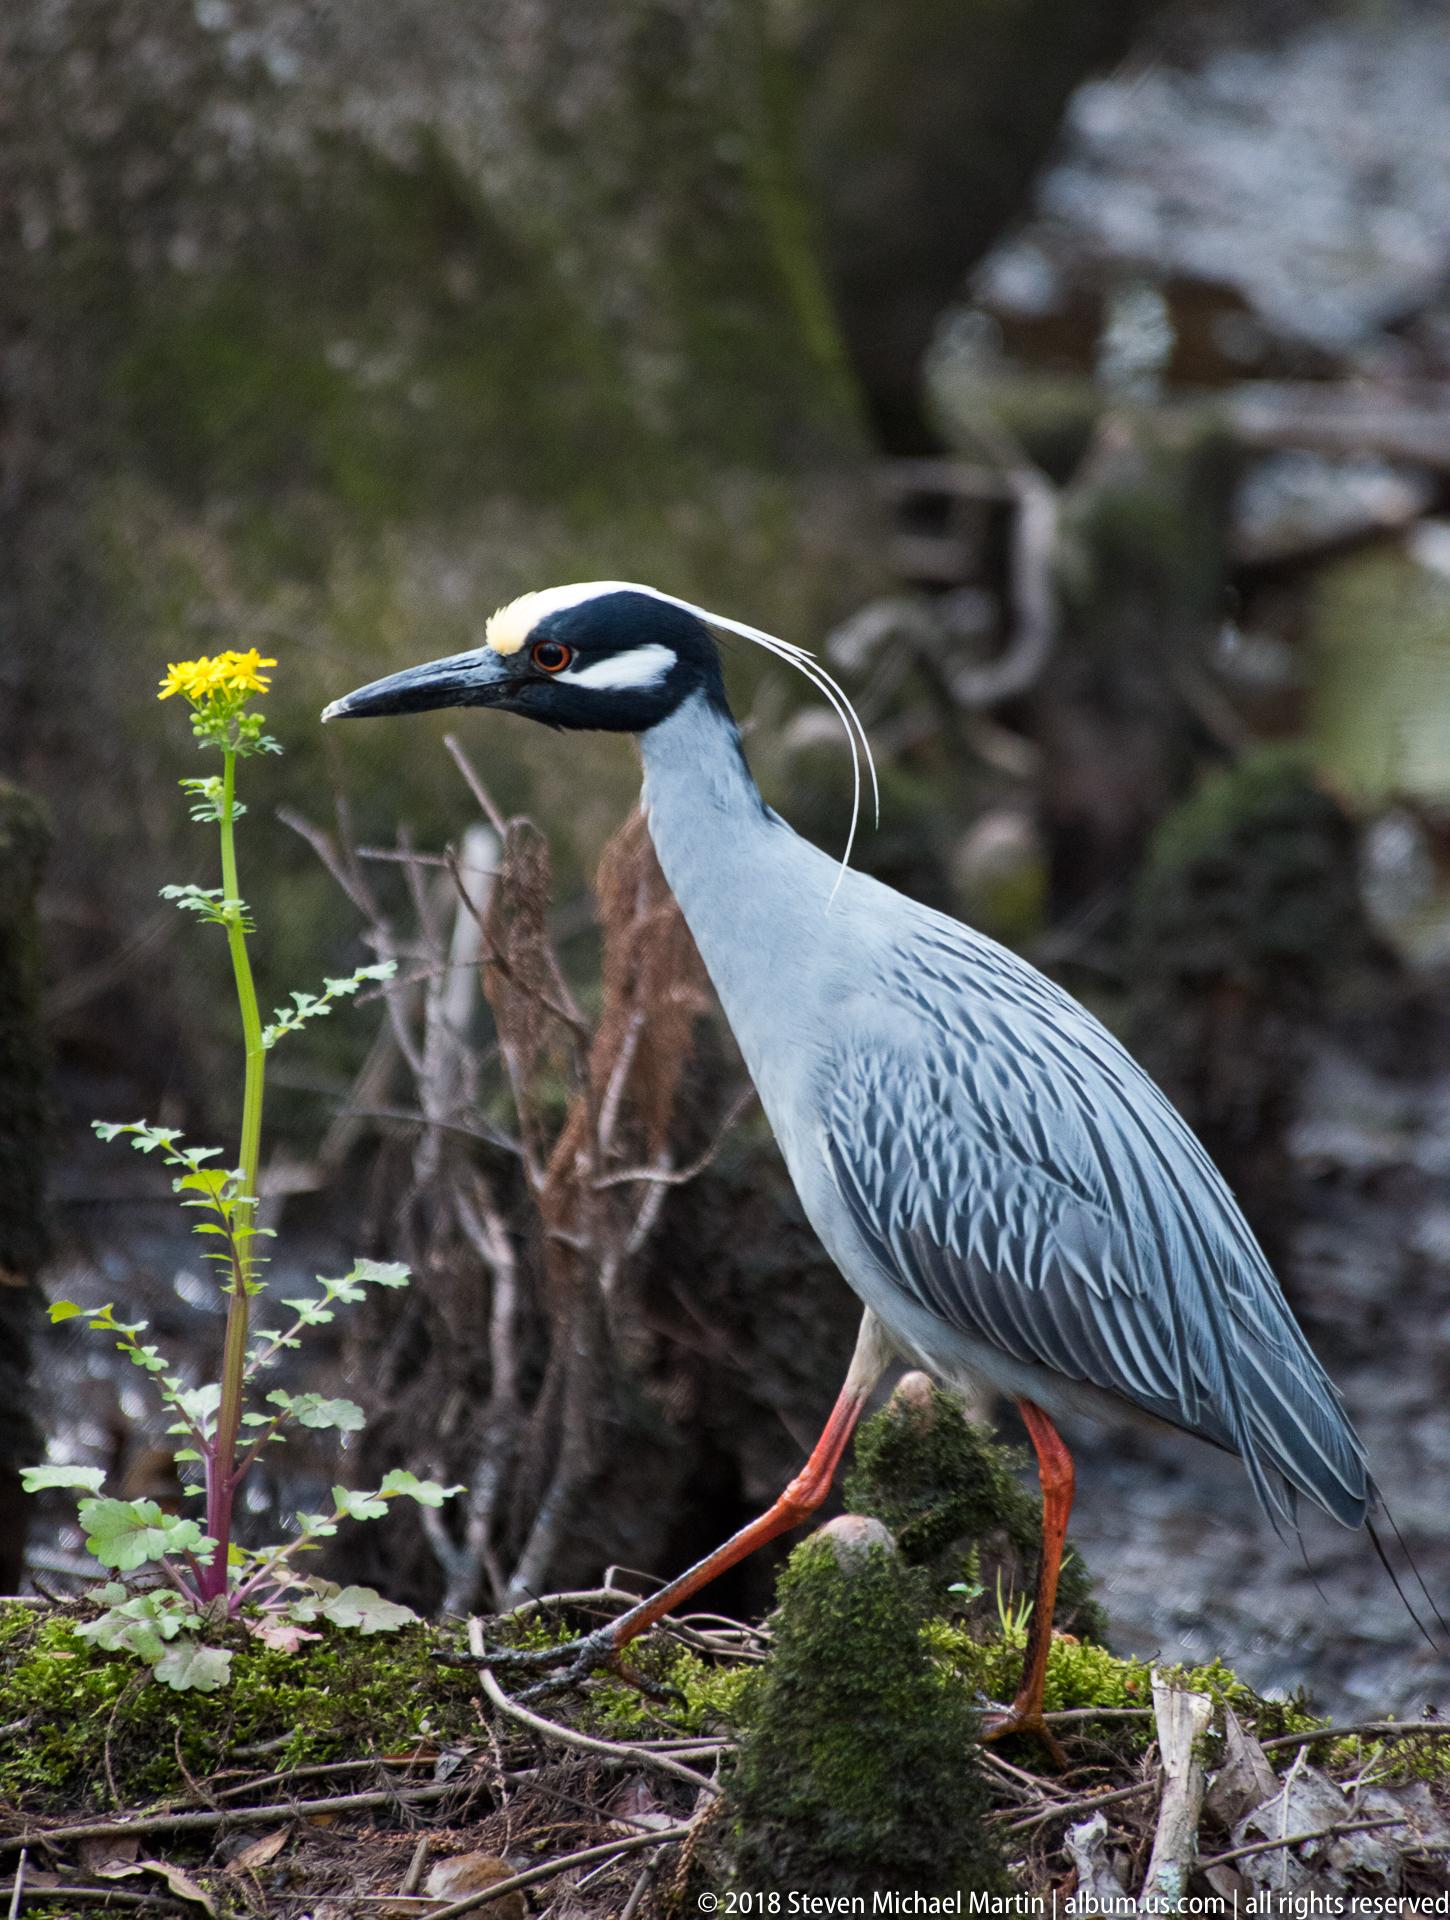 SMartin_2018 Biedler Forest (39 of 91)